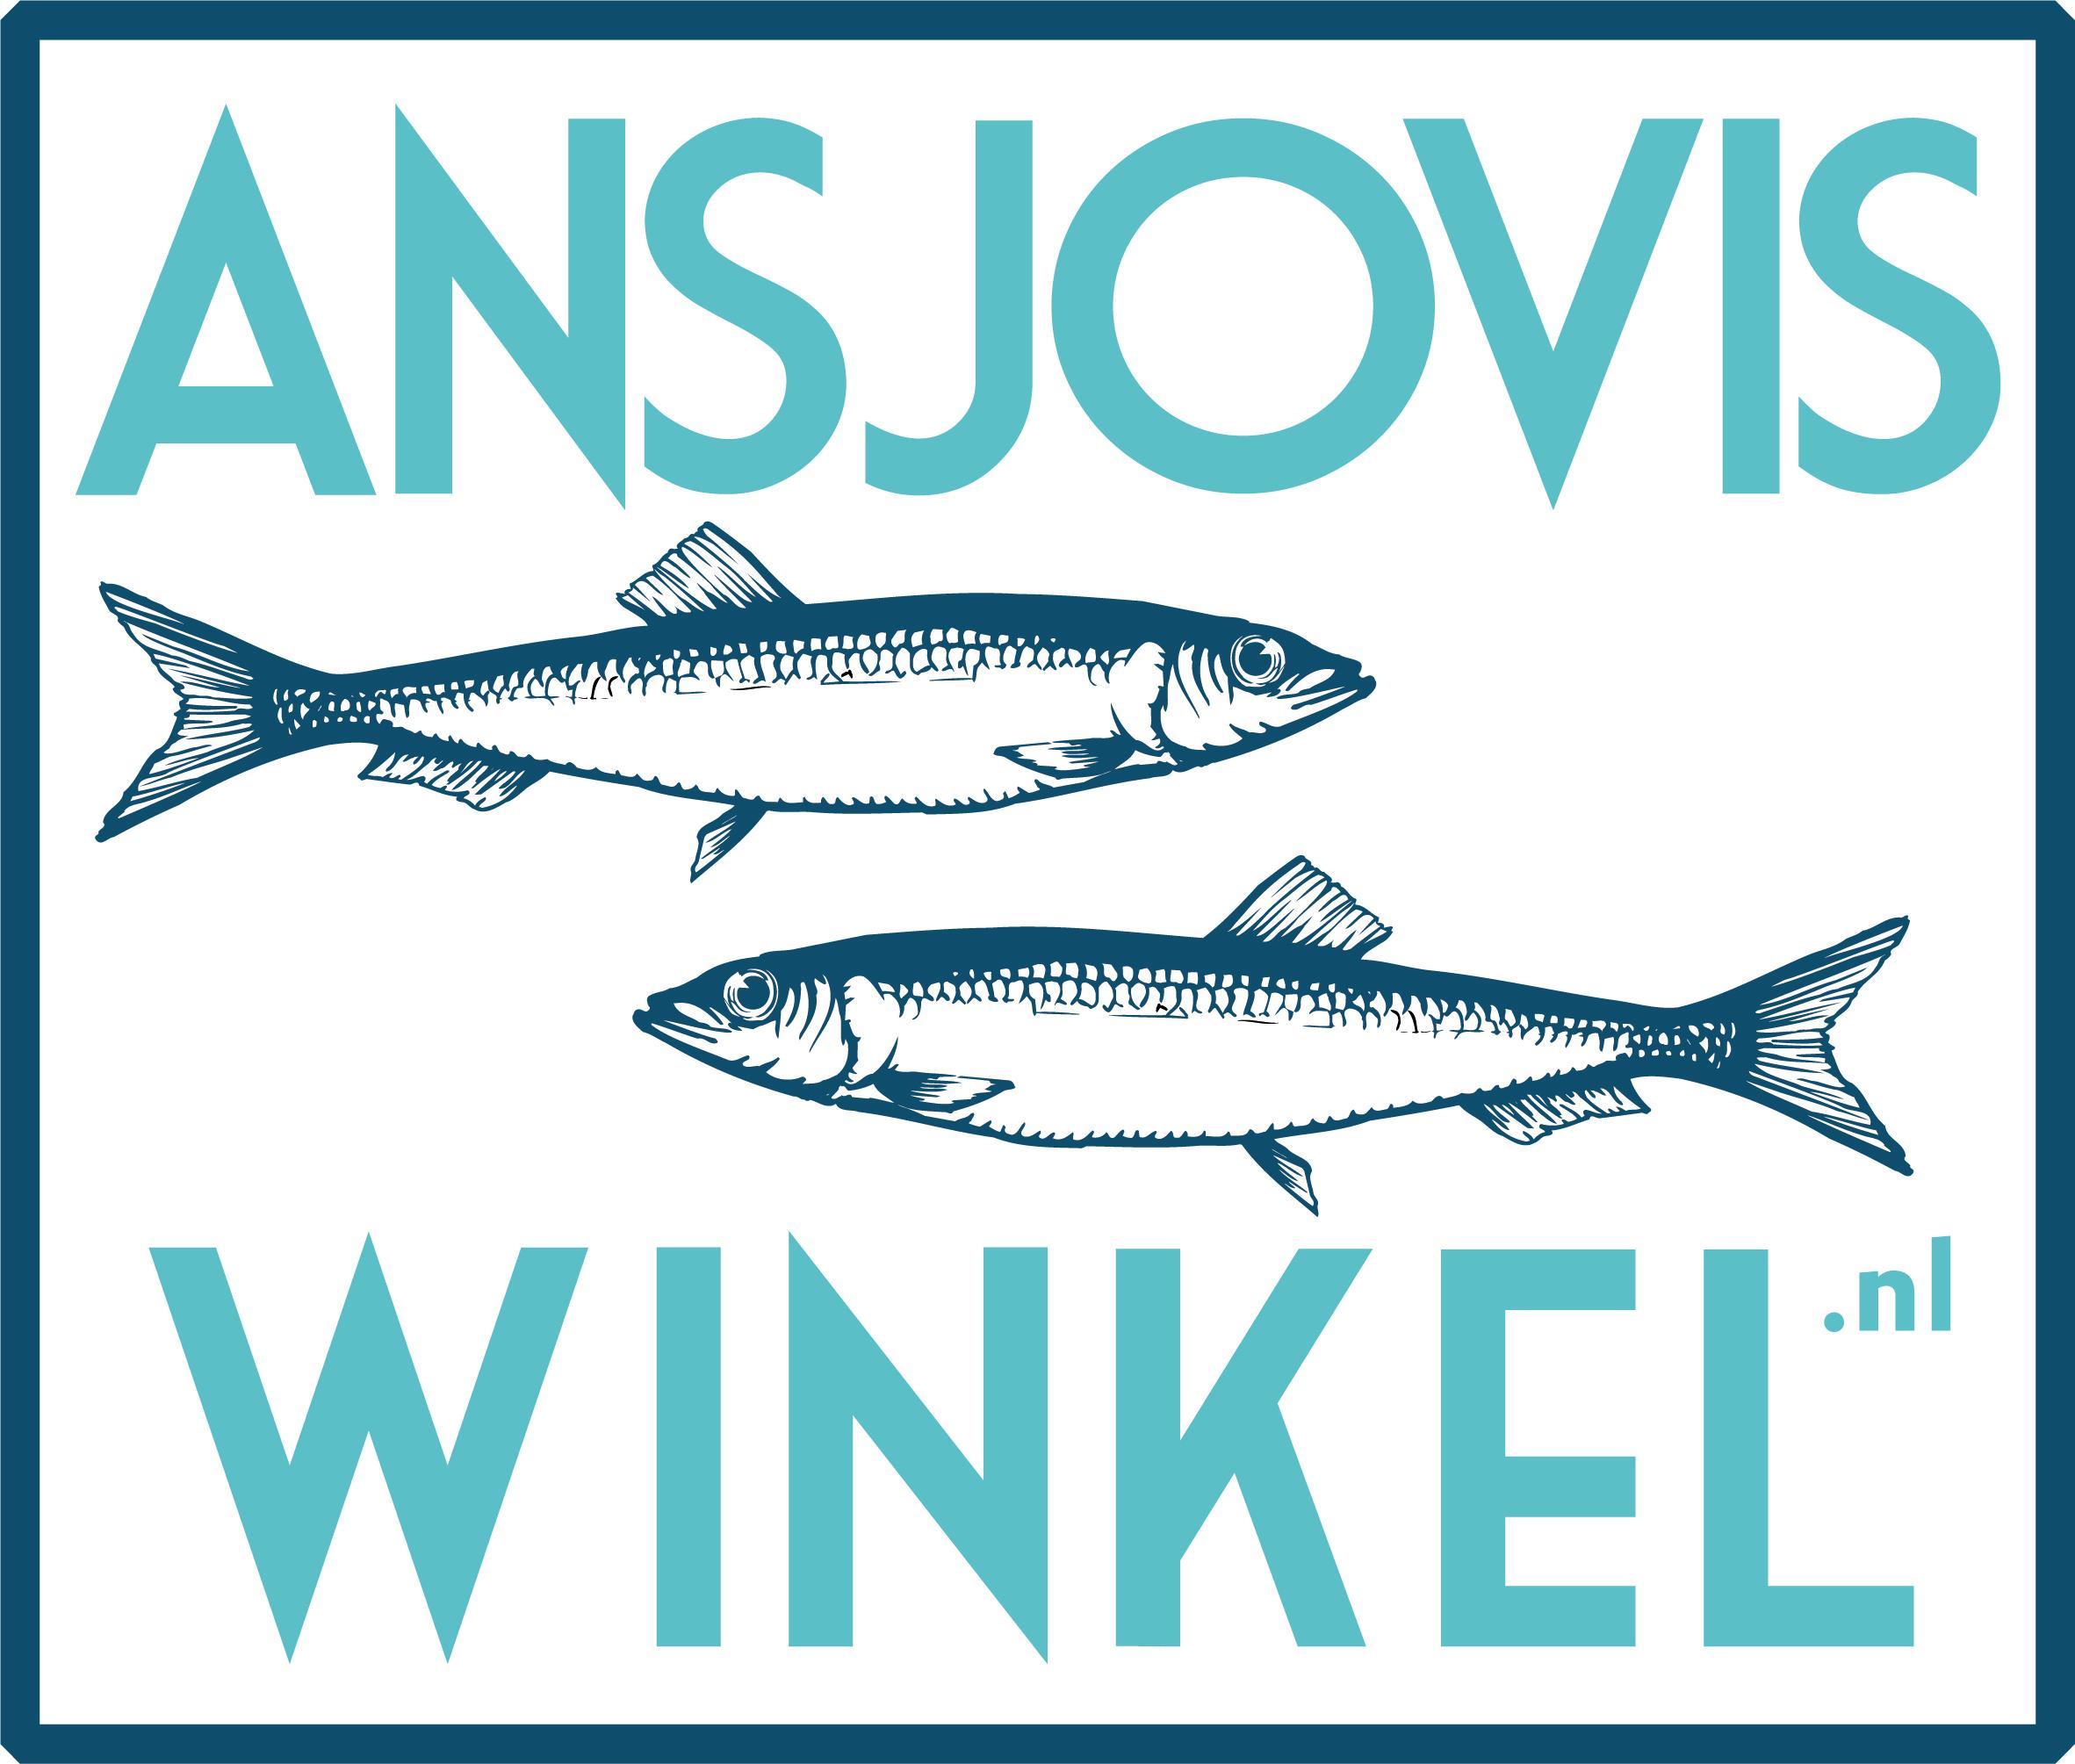 ANSJOVIS WINKEL